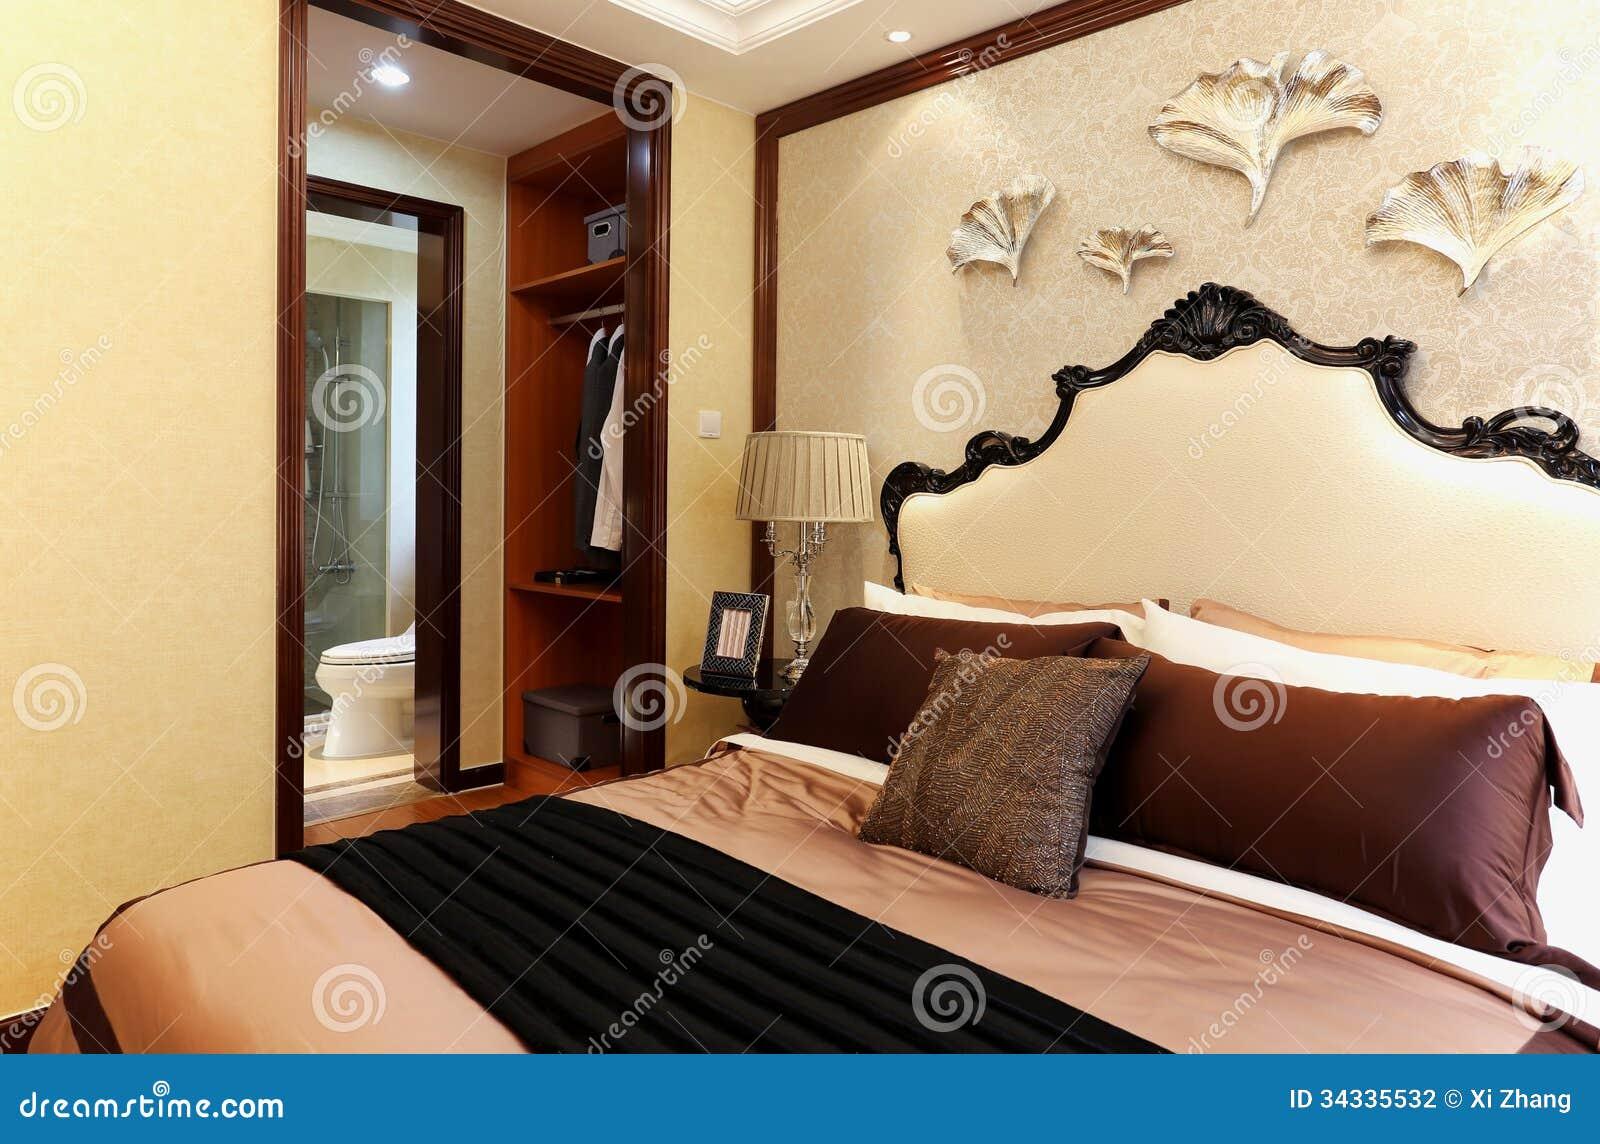 Hotel-Wohnzimmer, Bett stockfoto. Bild von haus, bunt - 34335532